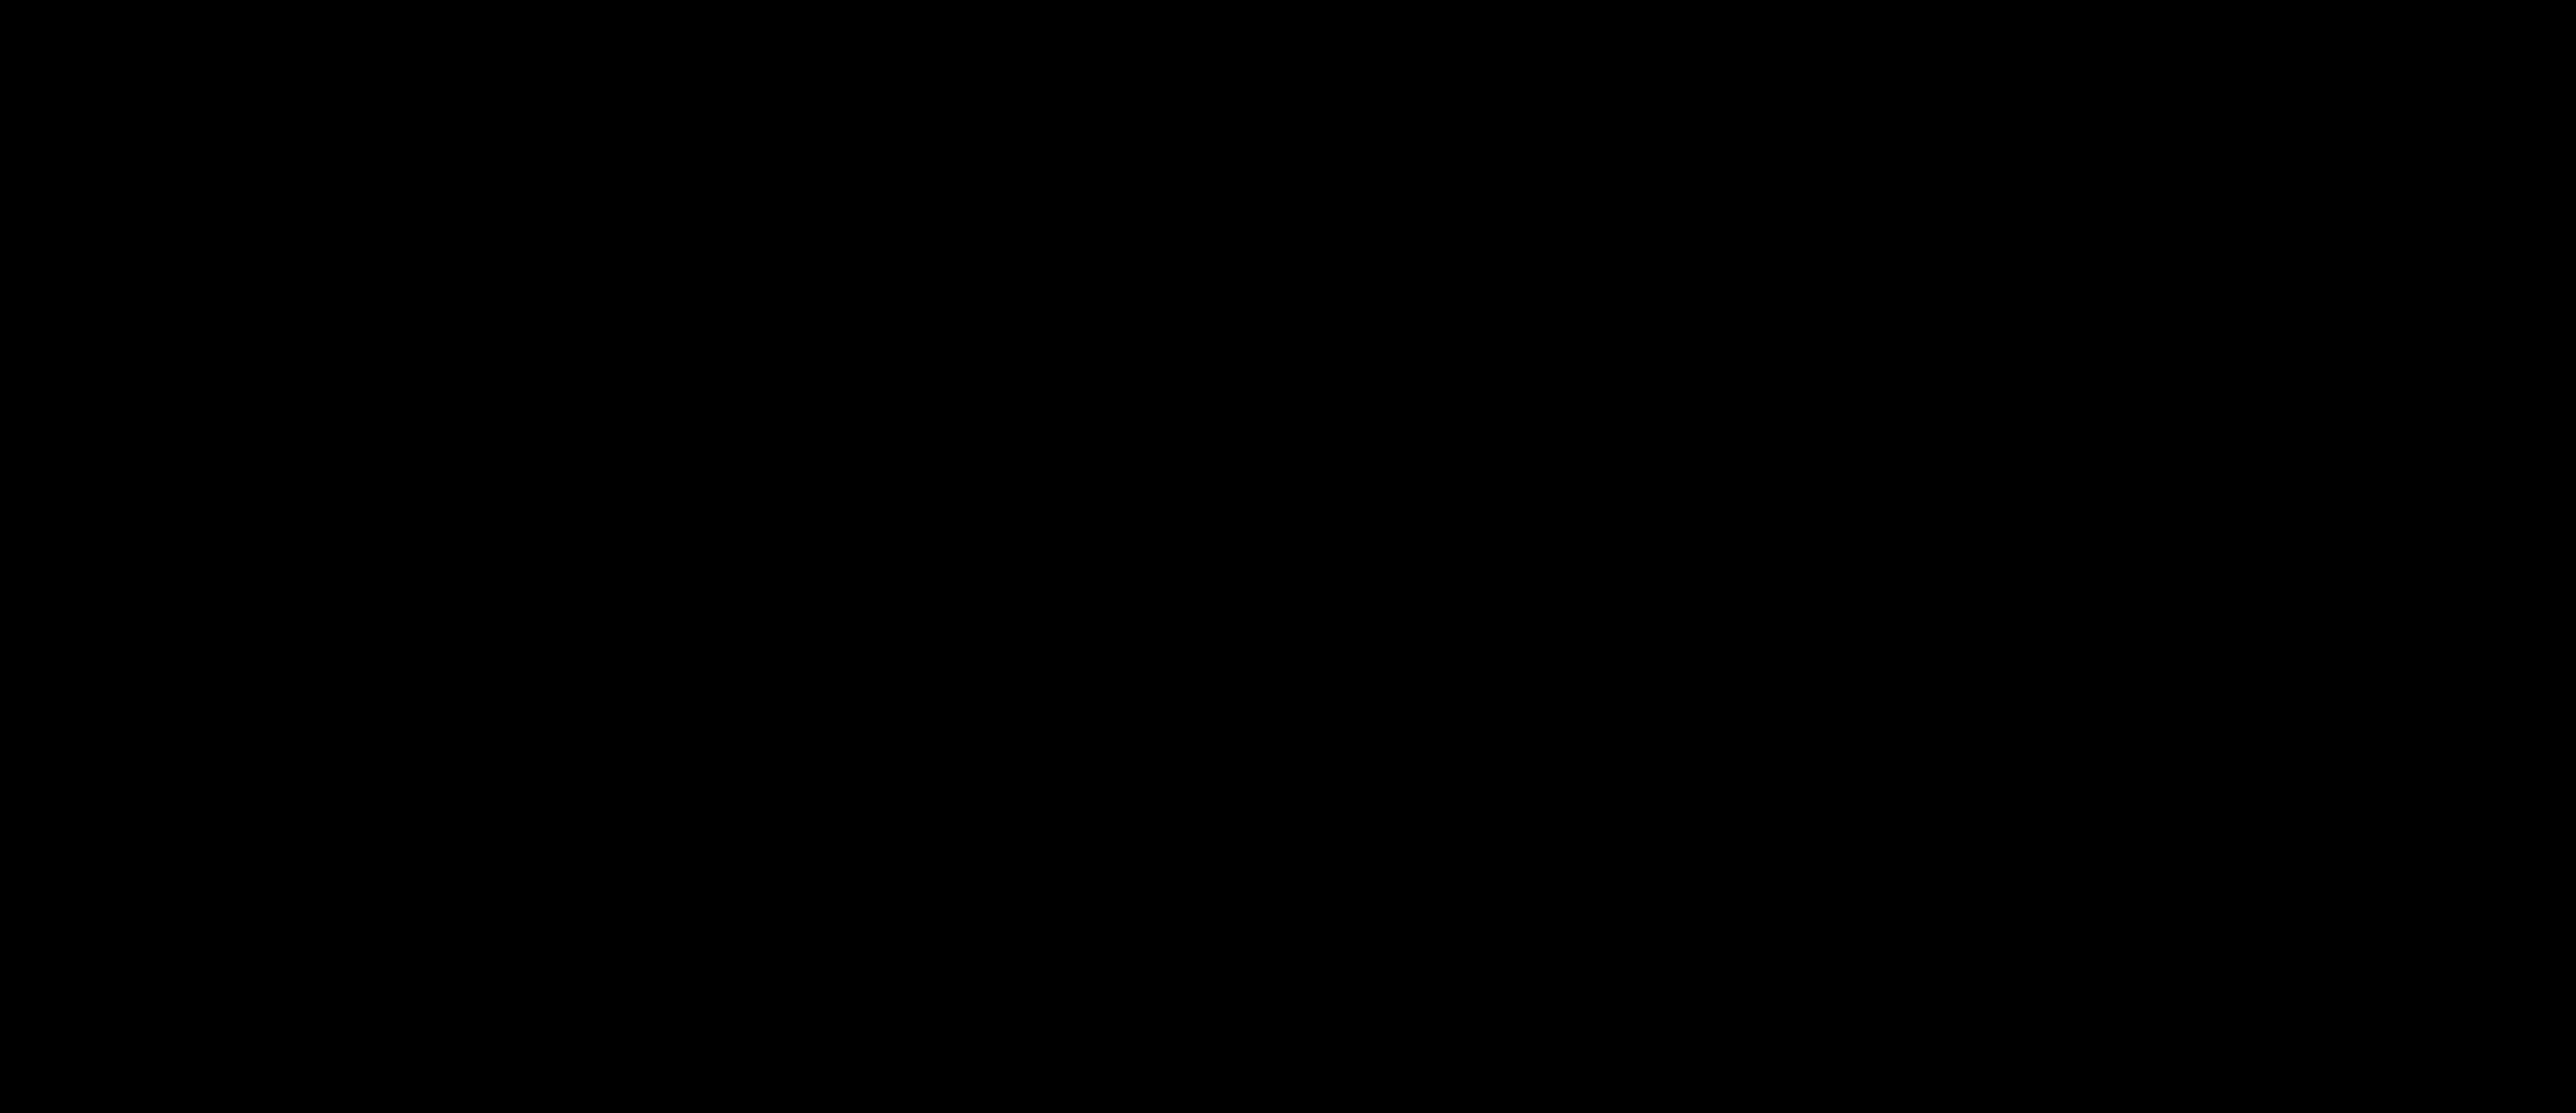 [[Giovanni Battista Tiepolo